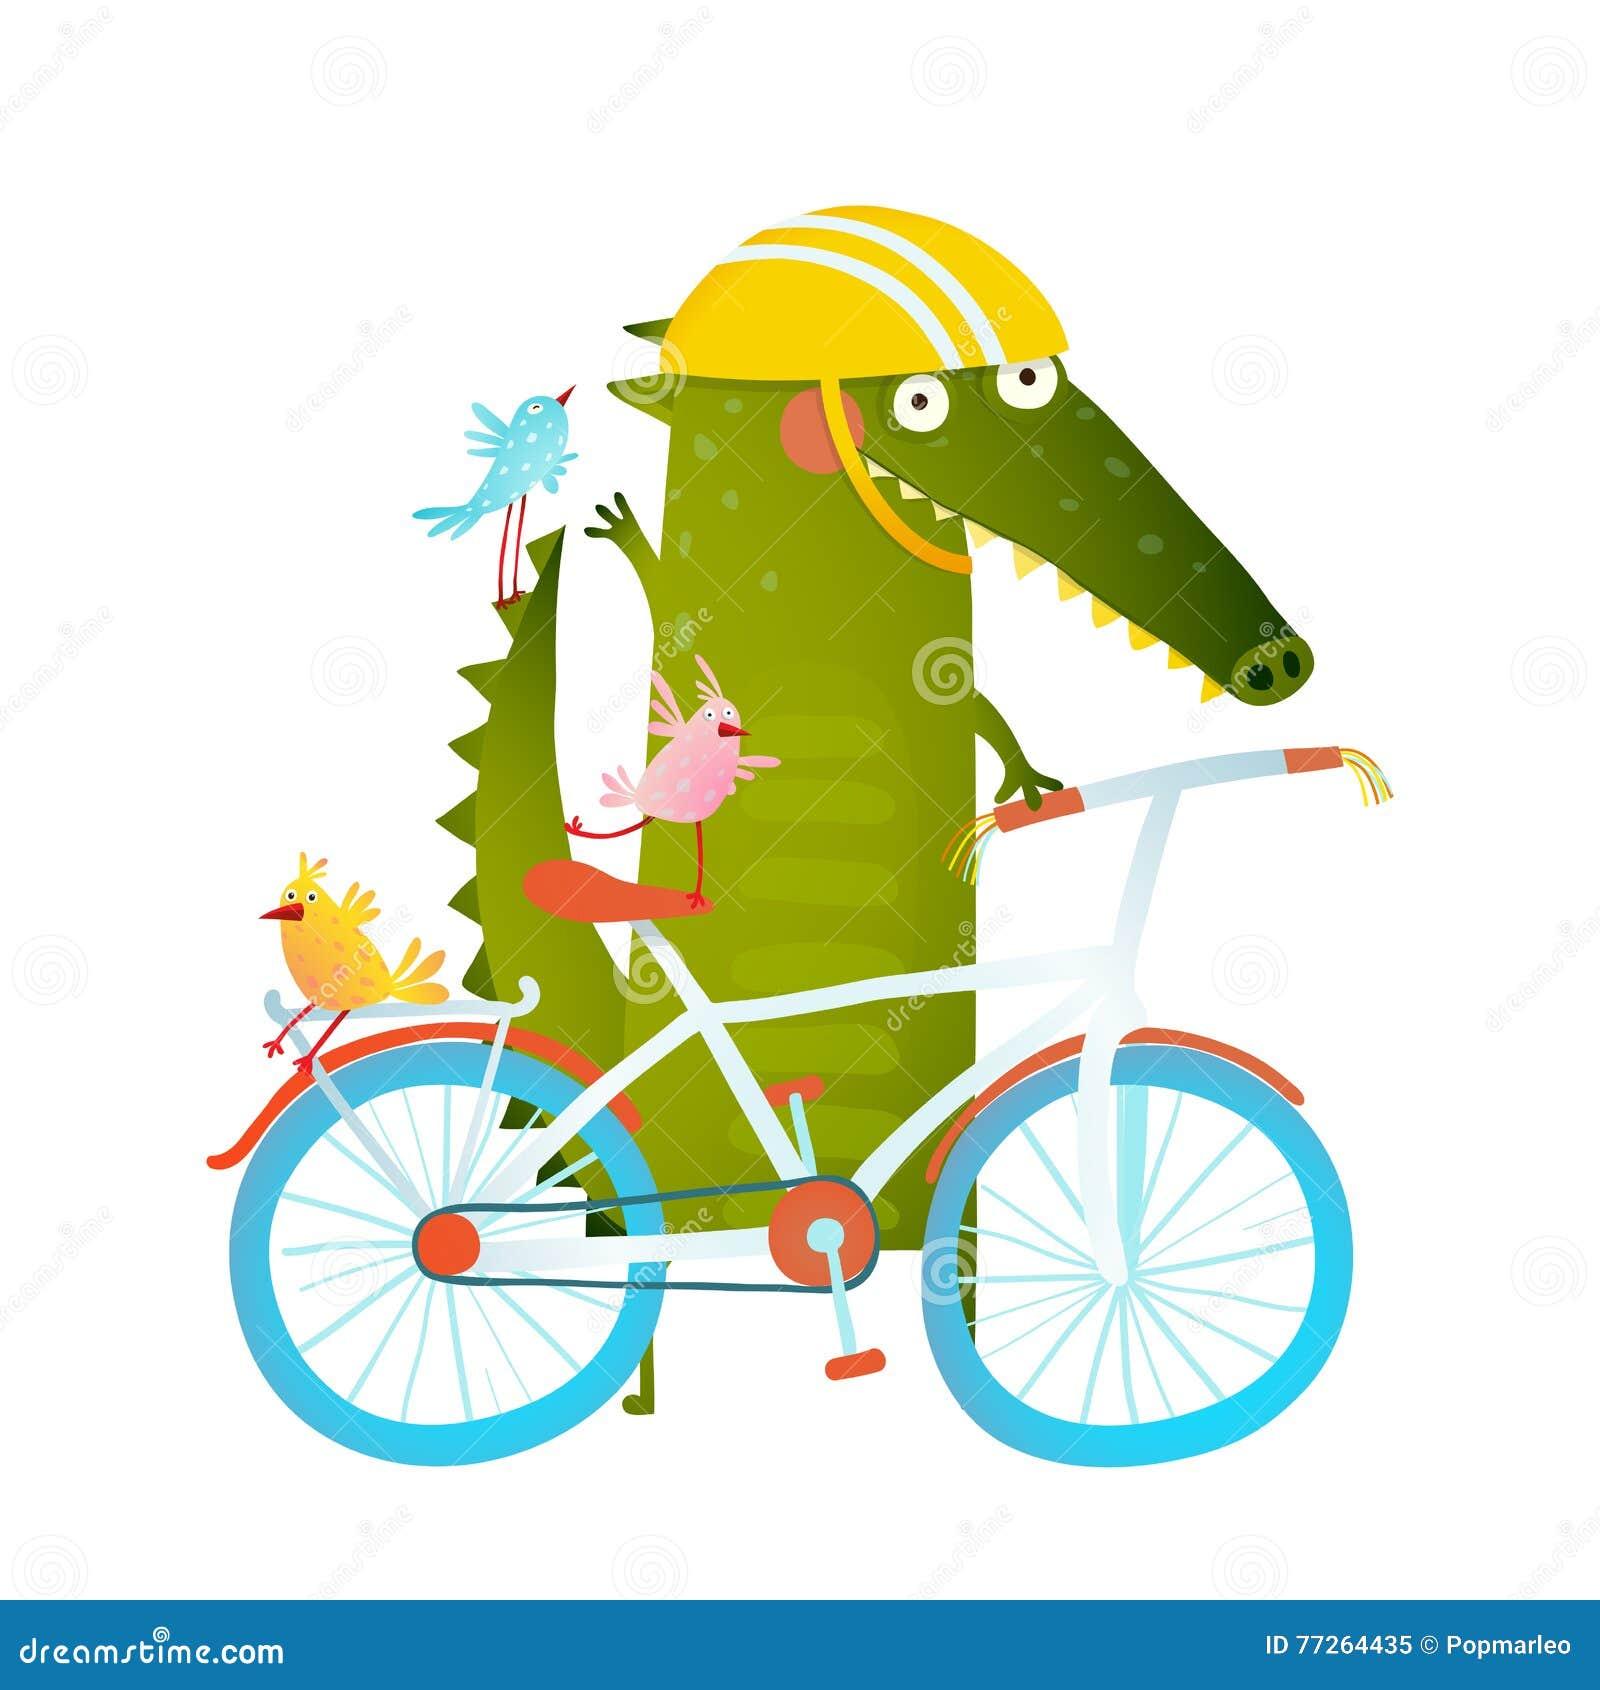 Πράσινος αστείος κροκόδειλος κινούμενων σχεδίων στο κράνος με τους φίλους ποδηλάτων και πουλιών